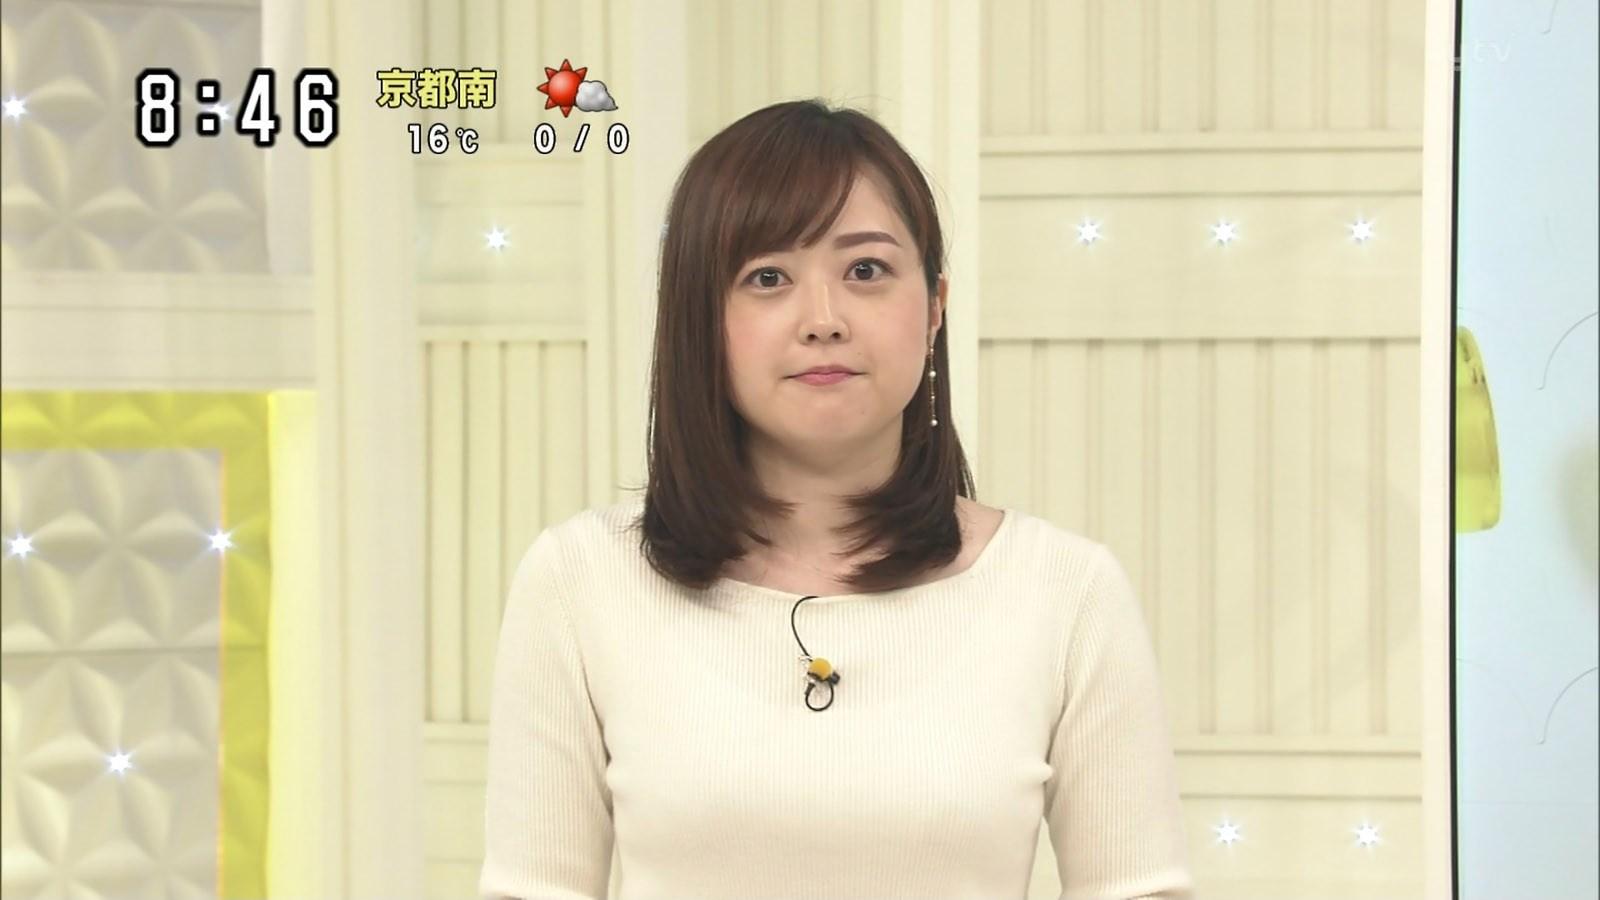 【話題】水卜麻美アナがフリーへ転換か?お茶の間でお馴染みの顔はどうなるのか!に関する画像